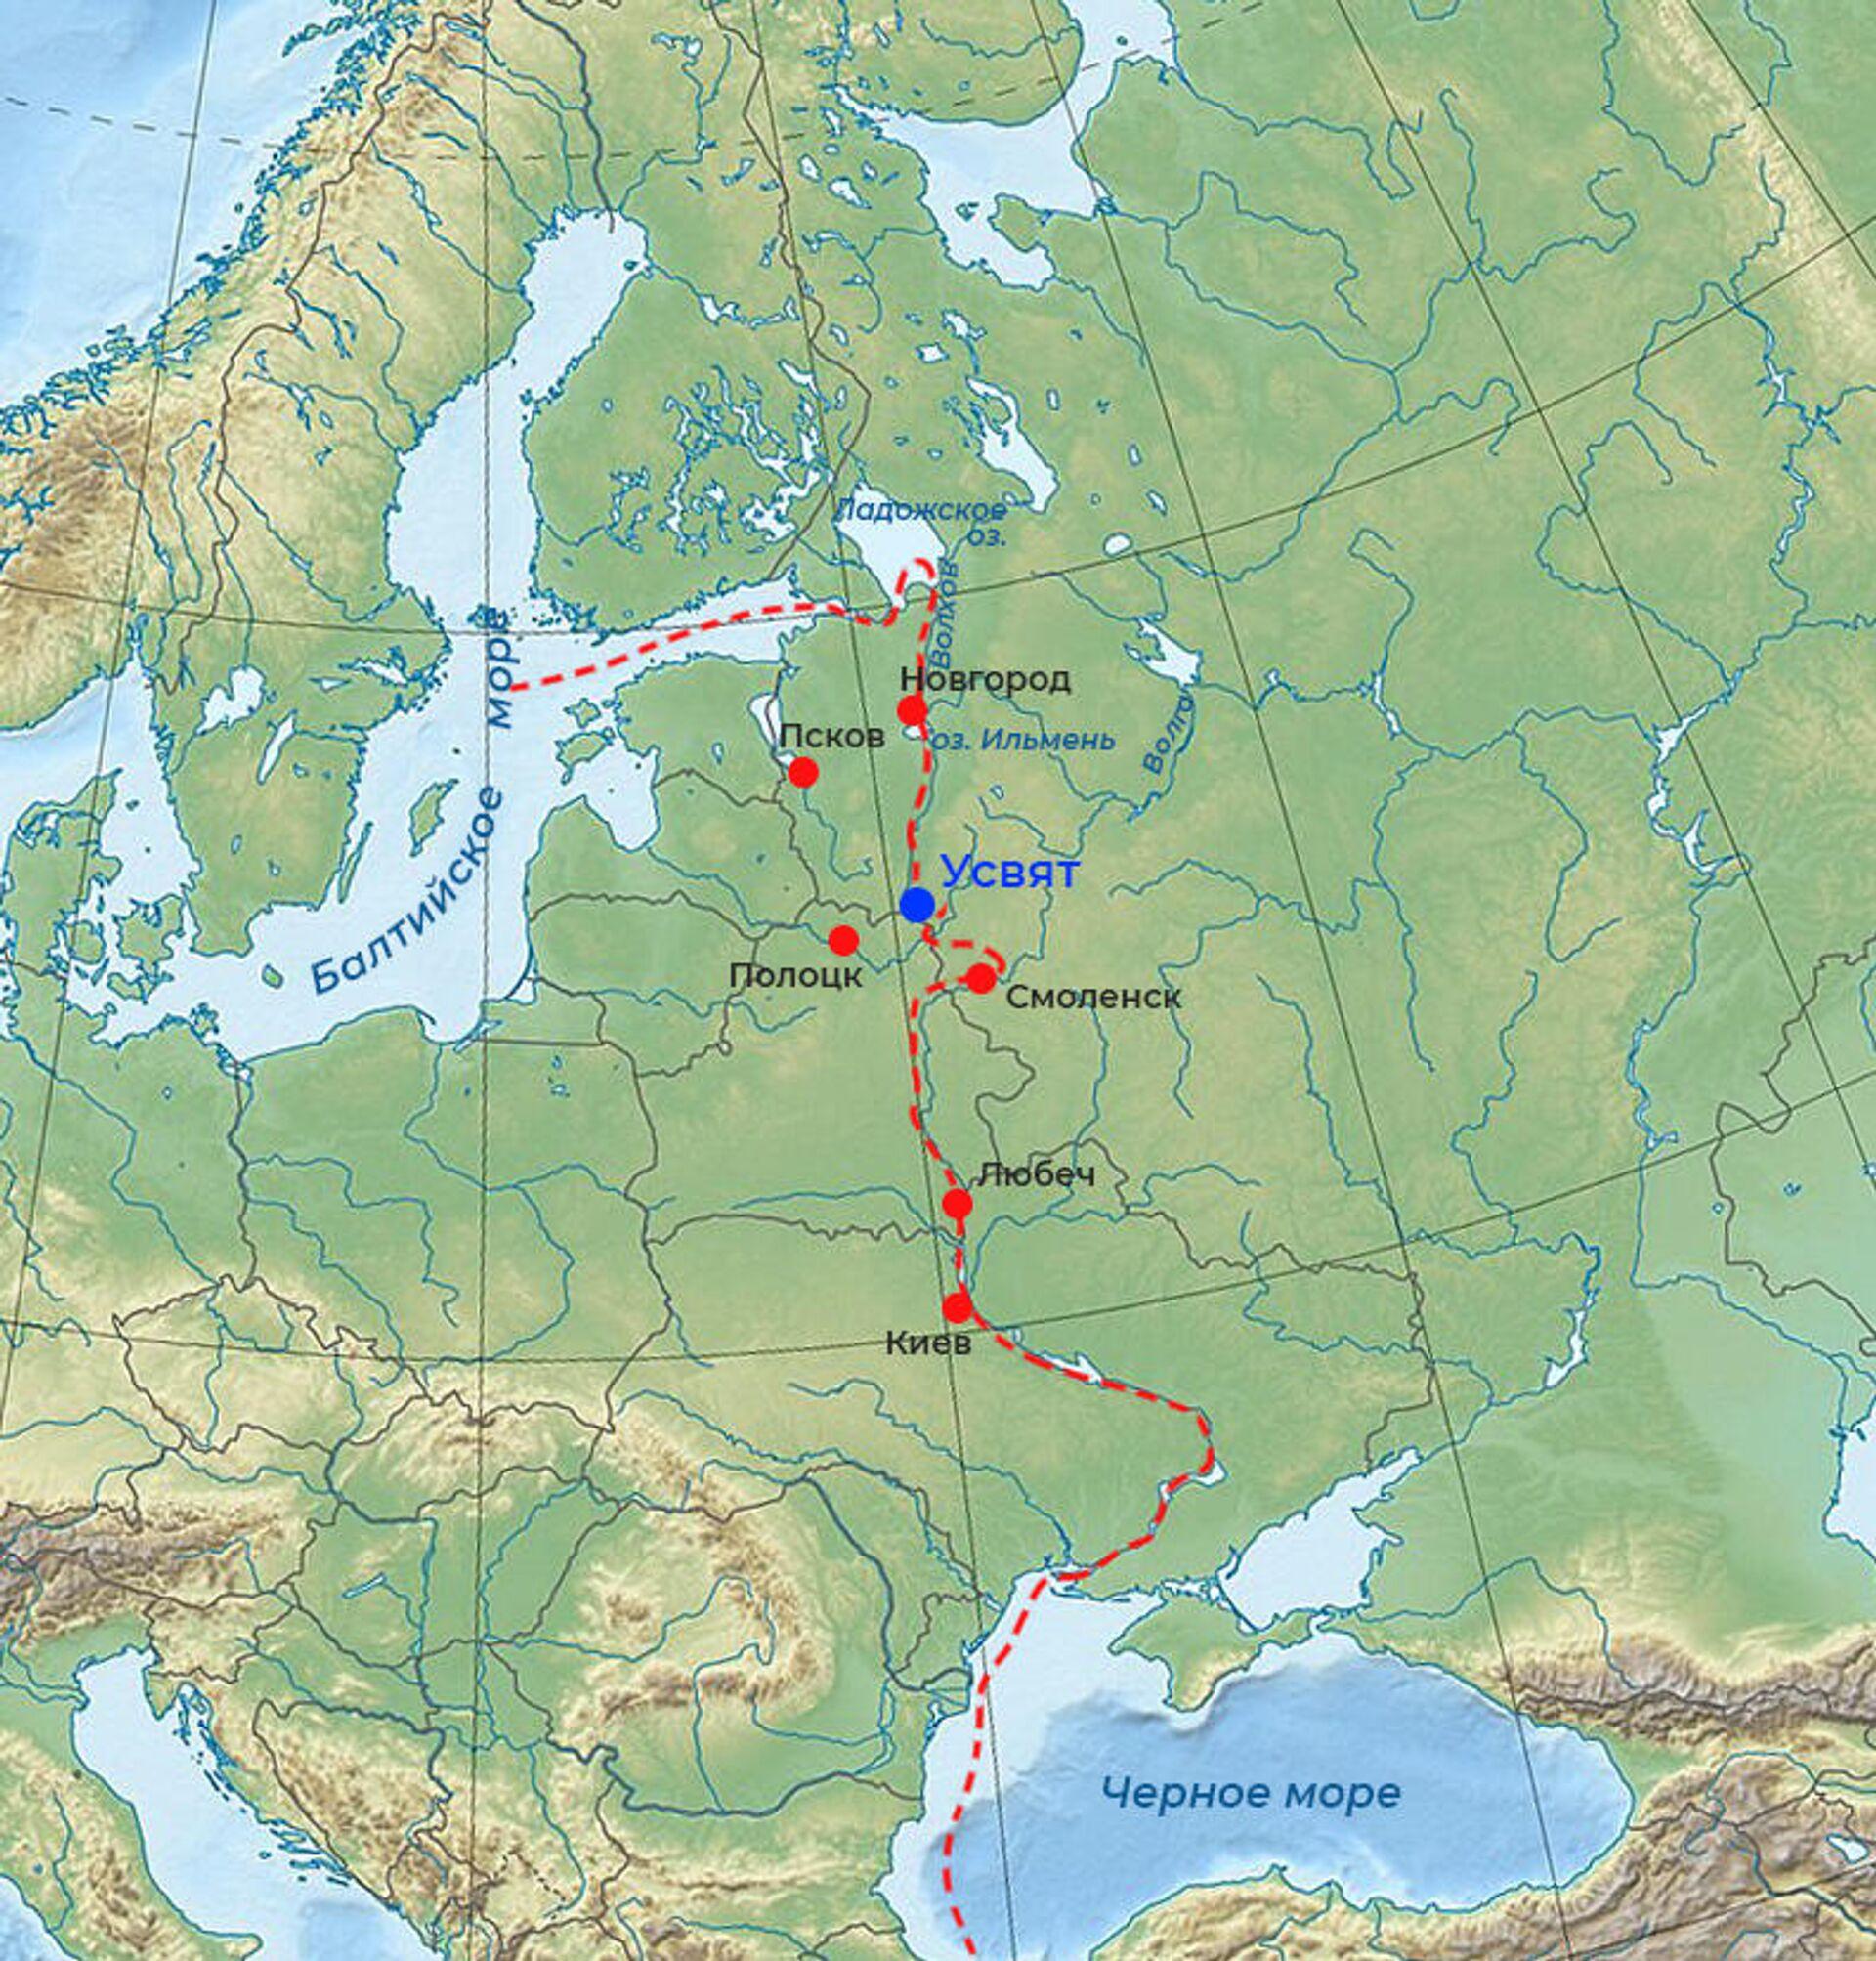 Ученые нашли город Ярослава Мудрого, разоренный литовцами и поляками